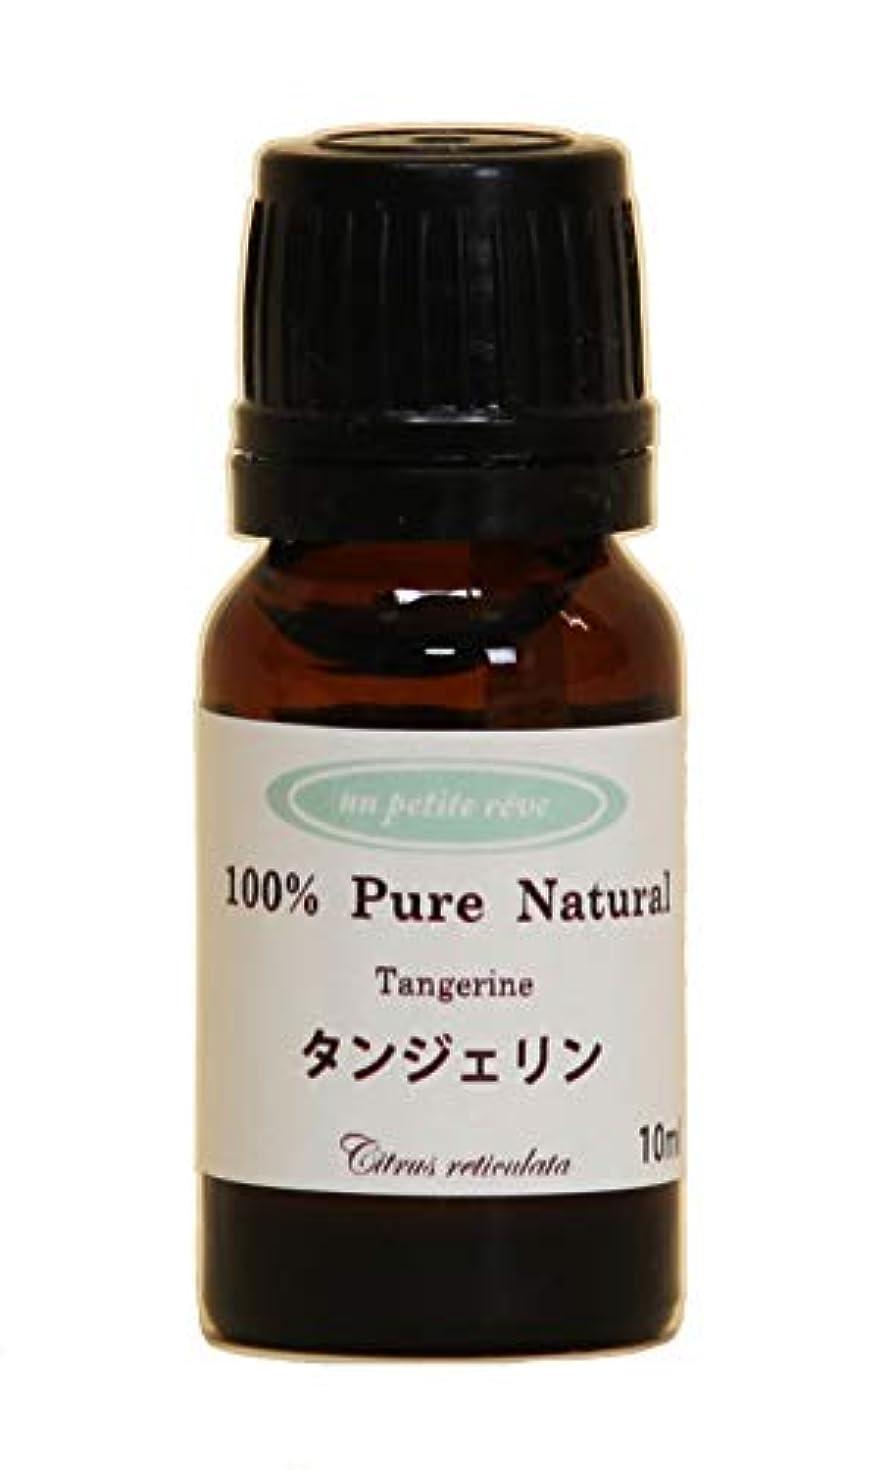 紳士じゃない返還タンジェリン  10ml 100%天然アロマエッセンシャルオイル(精油)